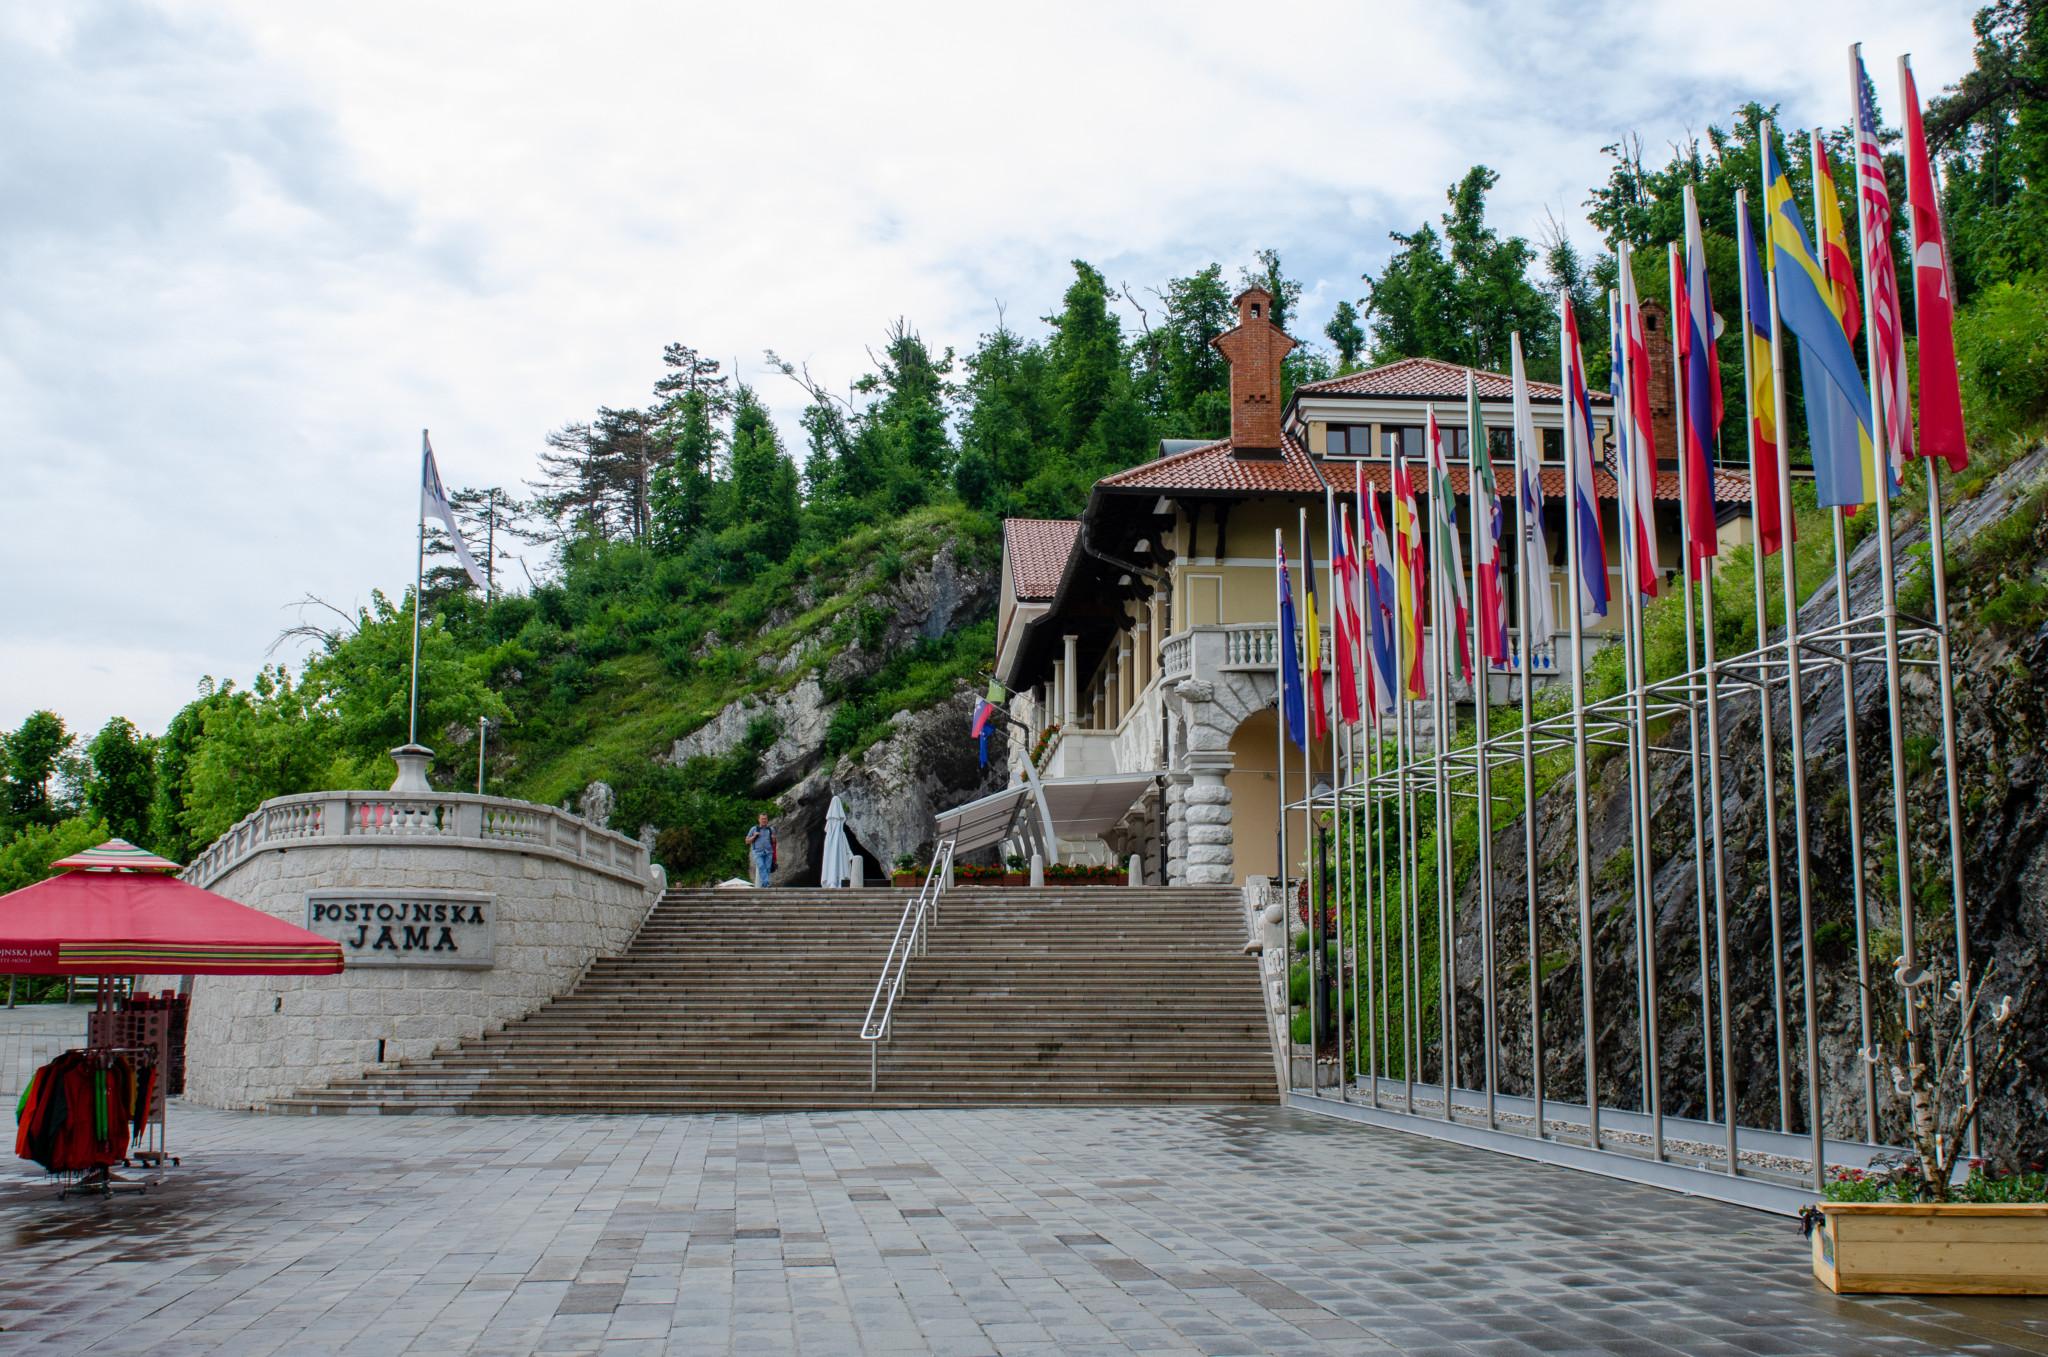 Eingang zu den Höhlen von Postojna in Slowenien